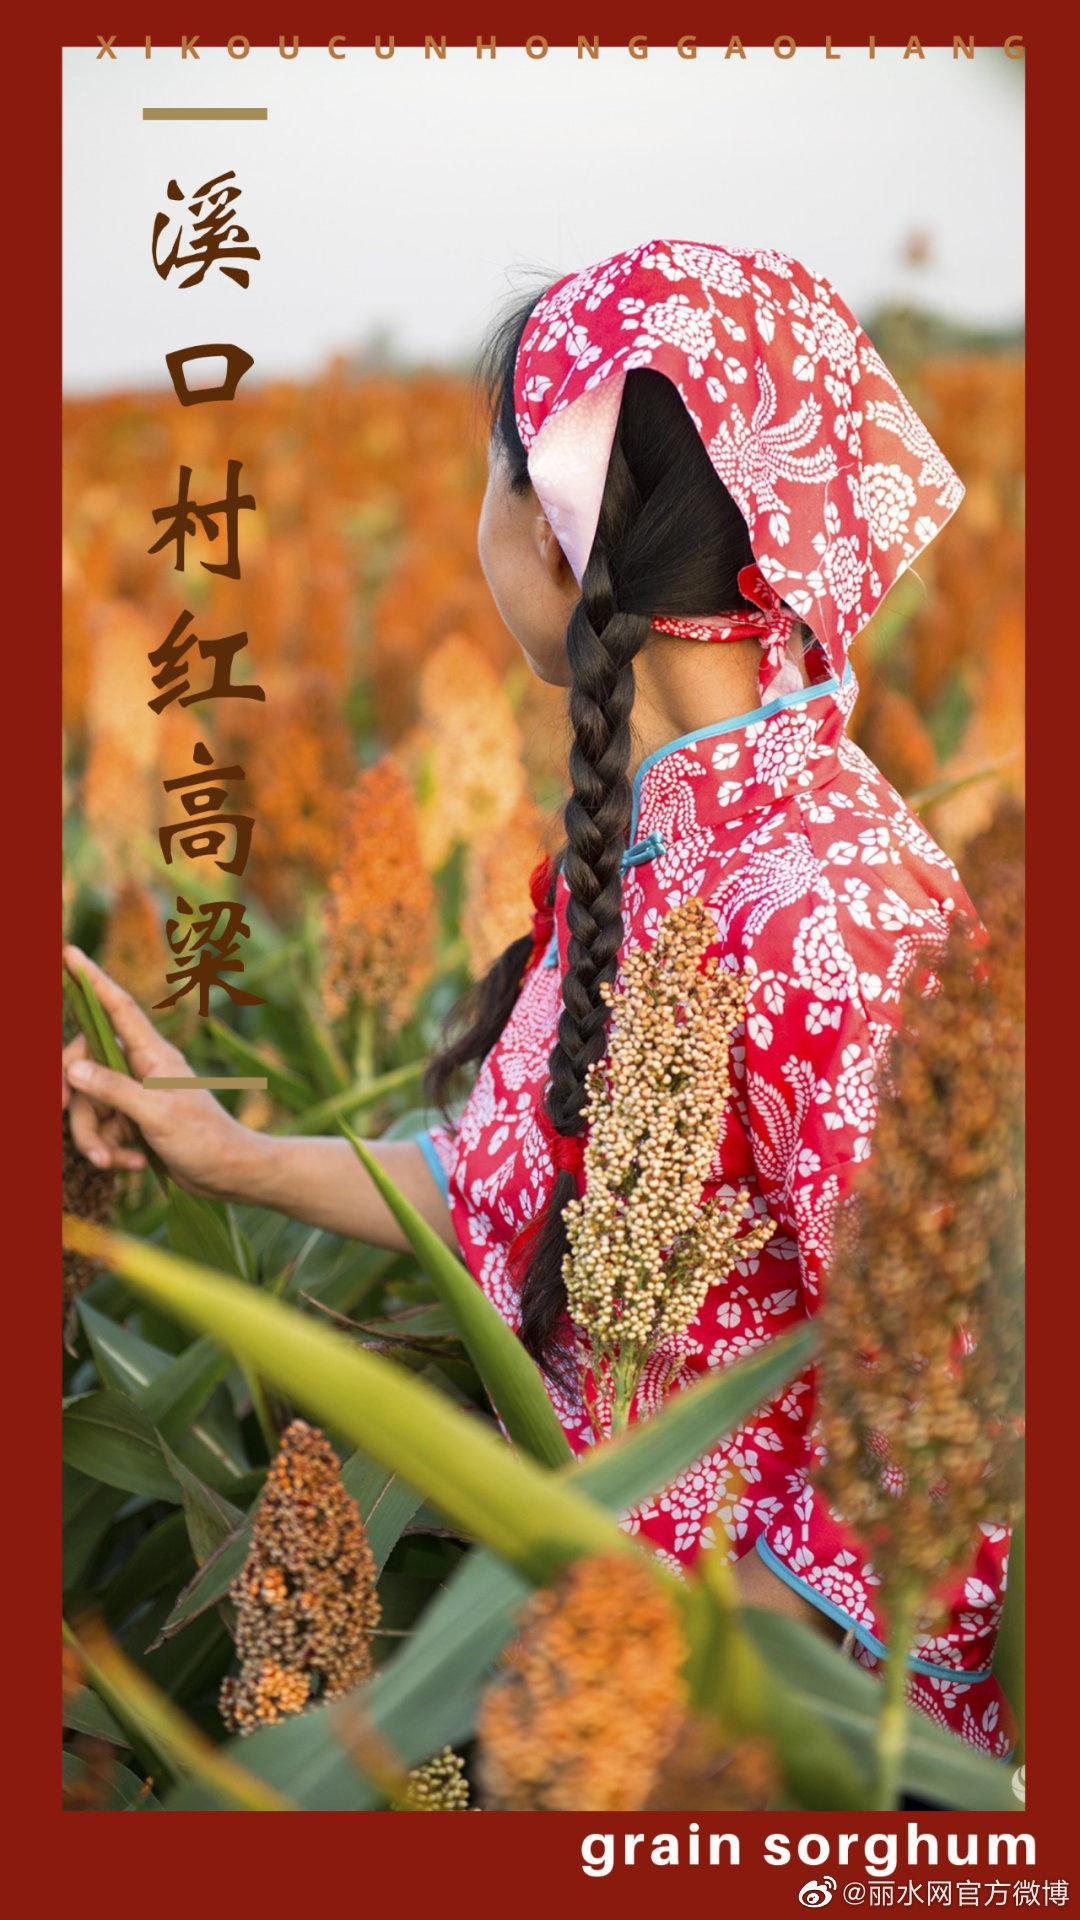 """高粱熟了红满天,云和湖畔这片""""红高粱""""火了……"""